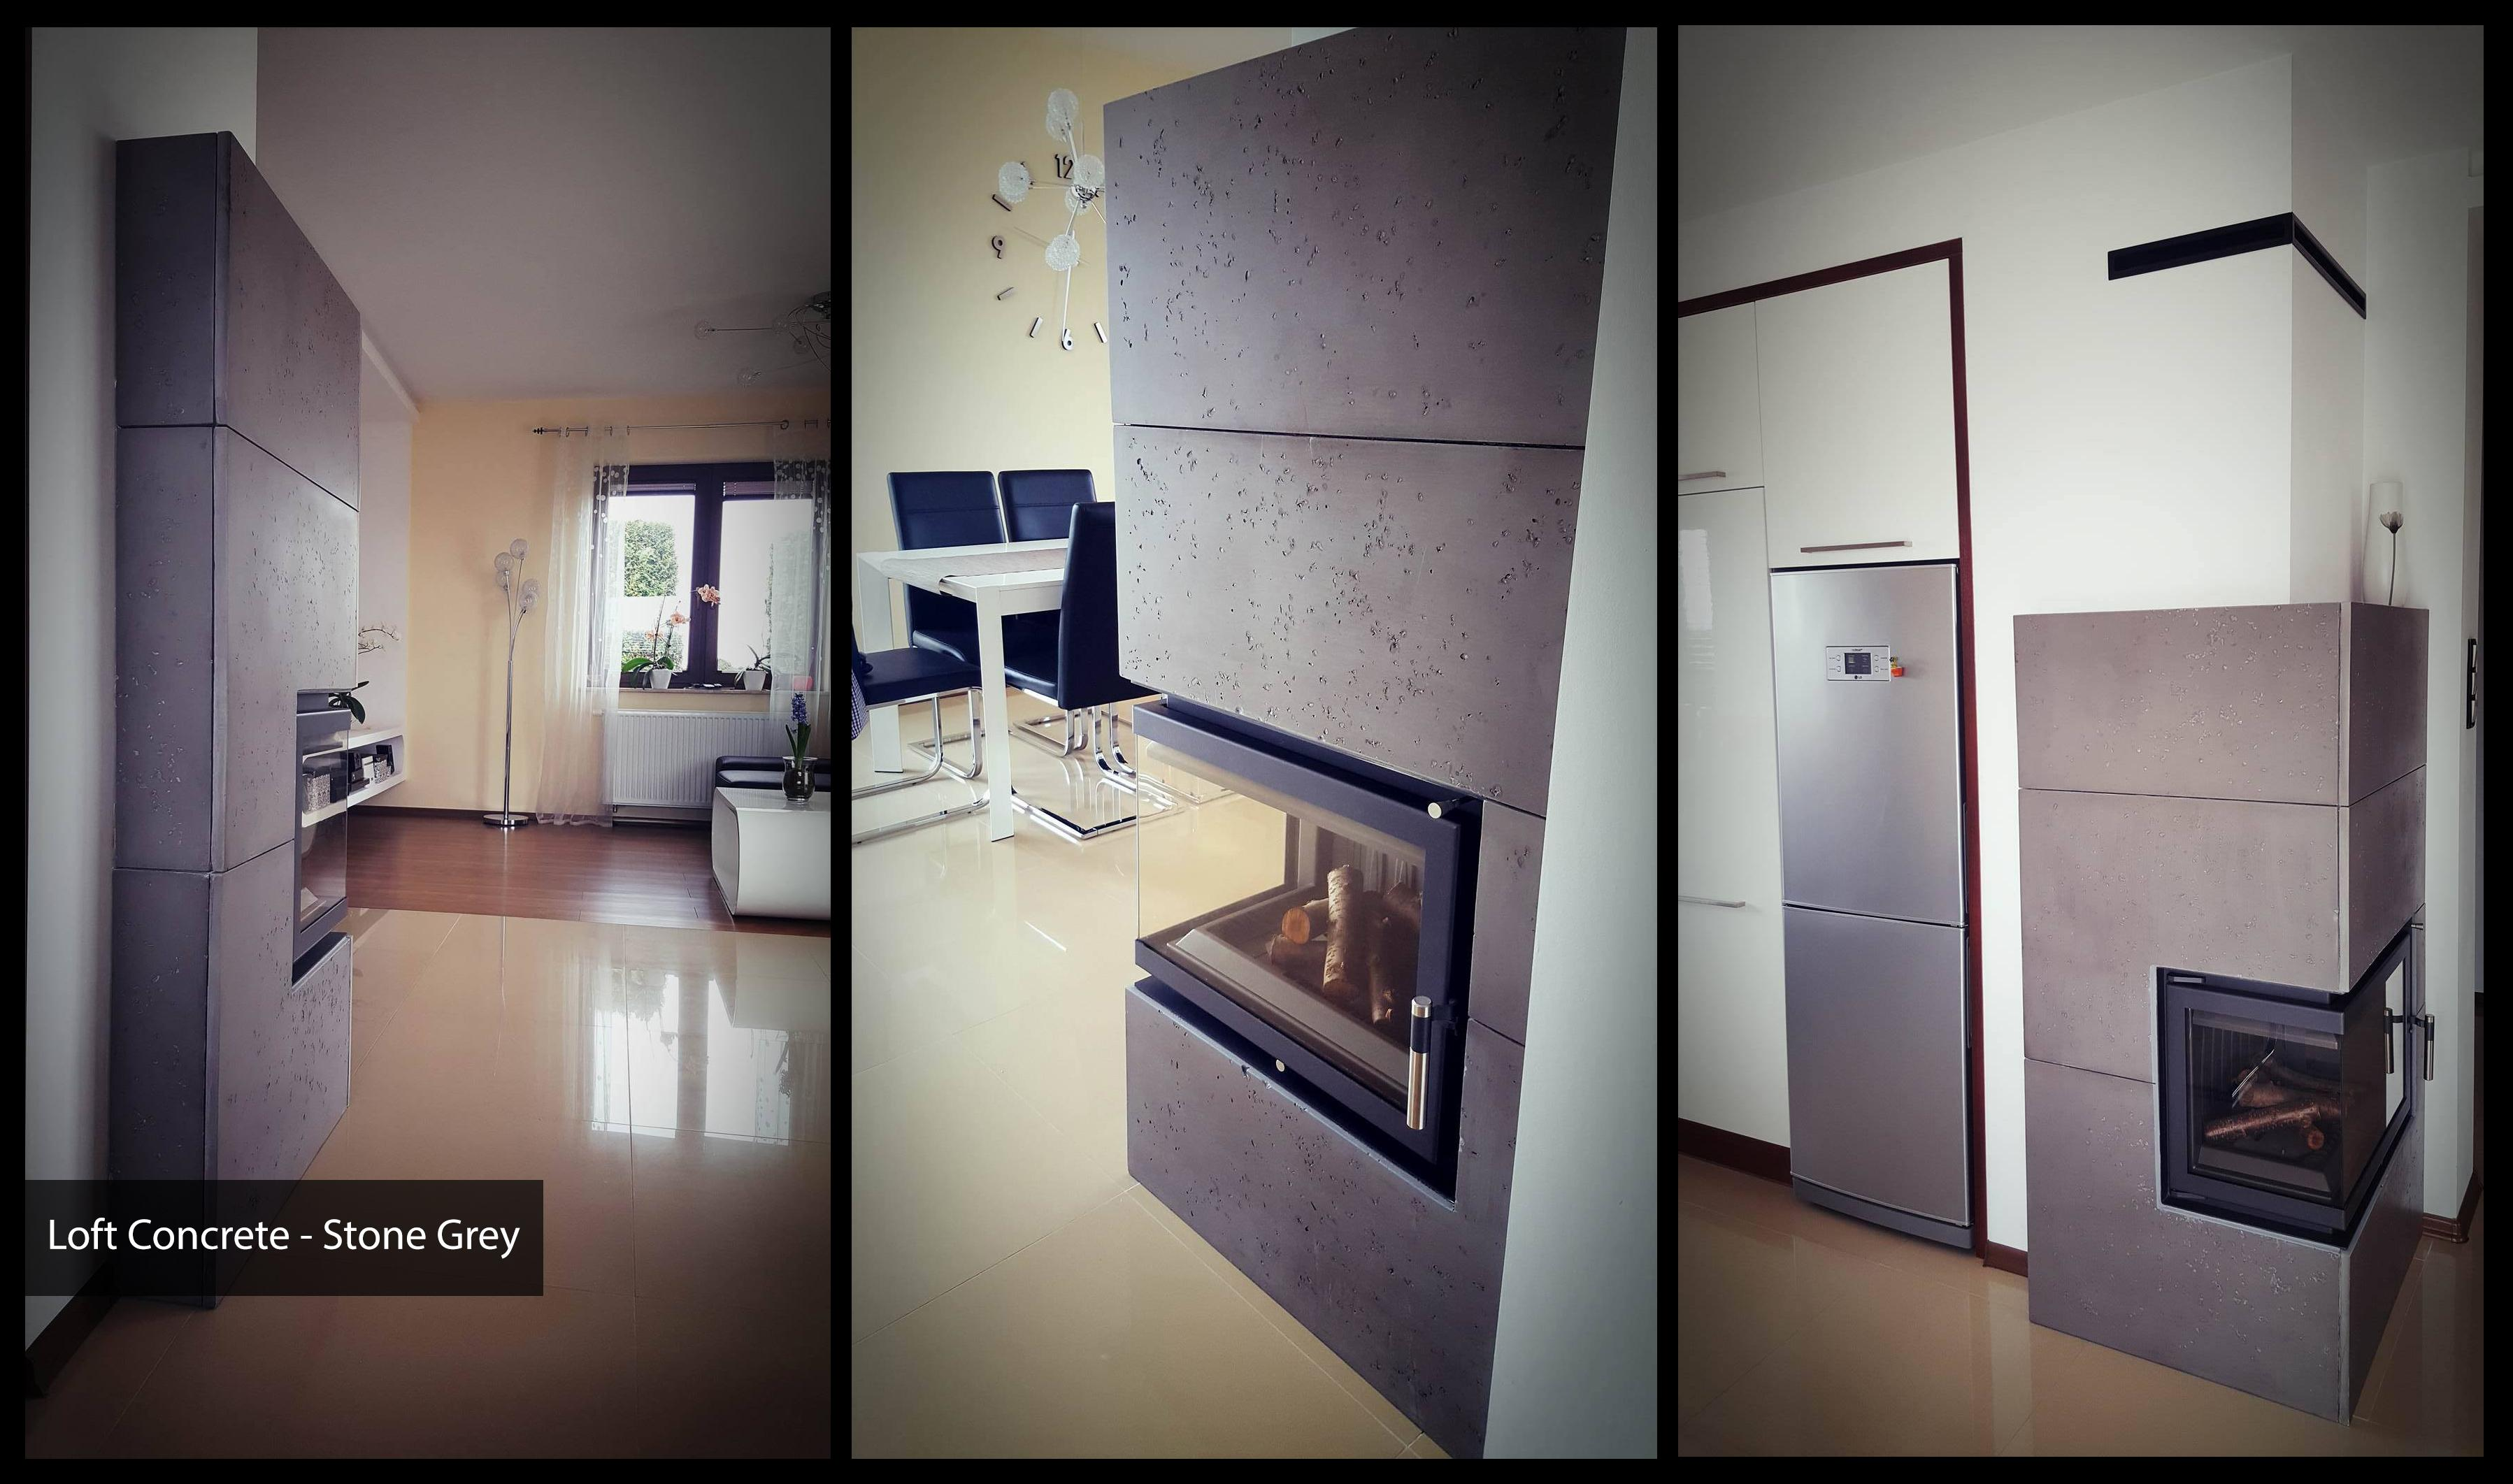 wandpaneel bilder ideen couchstyle. Black Bedroom Furniture Sets. Home Design Ideas